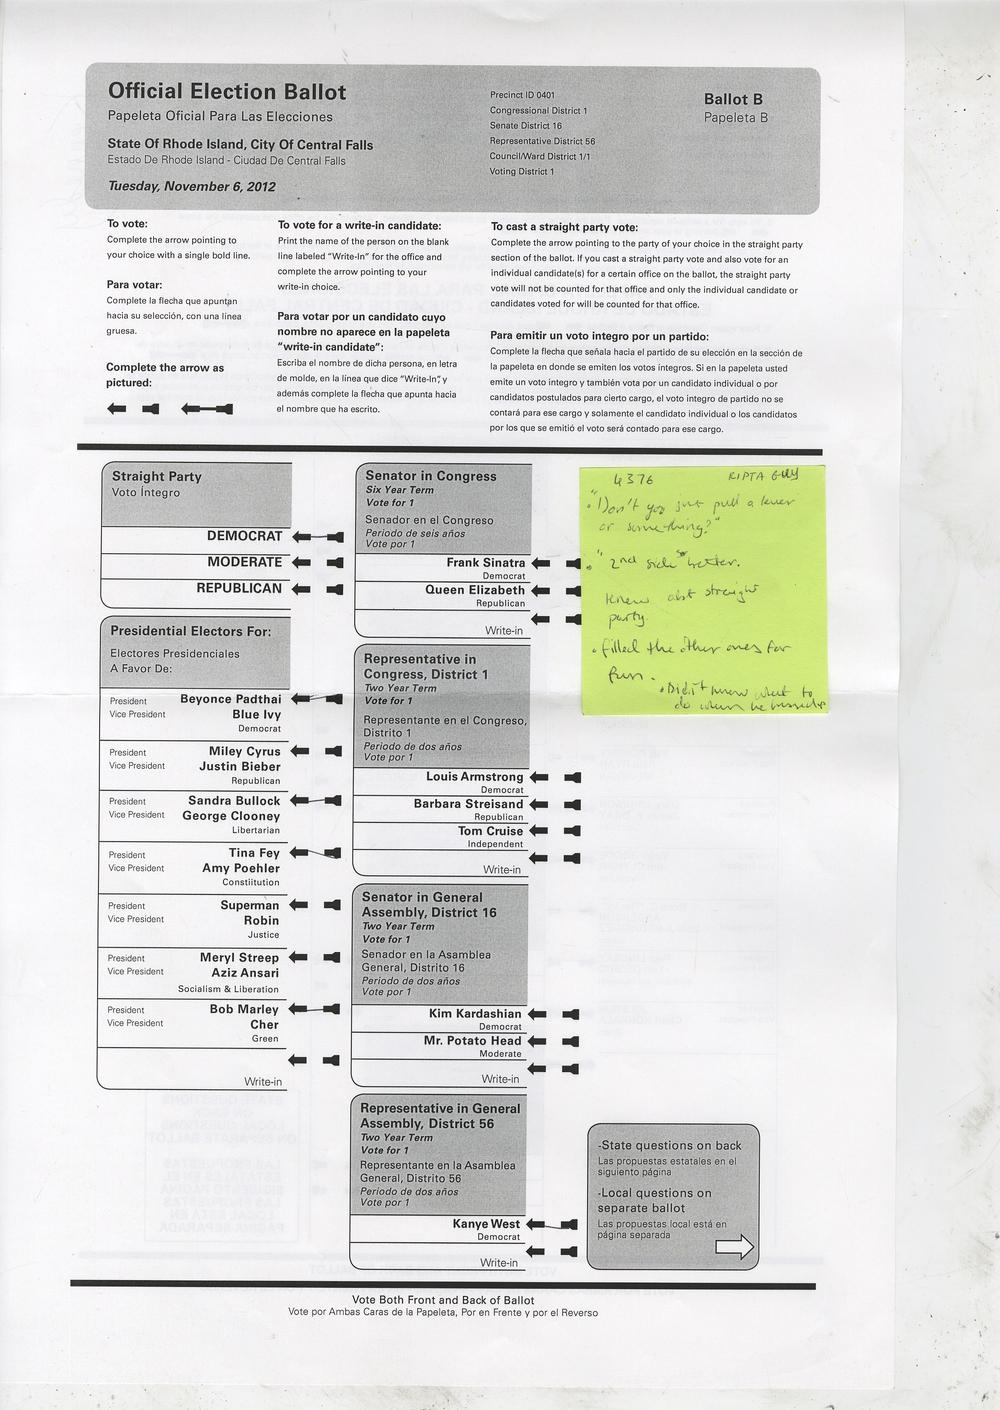 ballot11.jpg